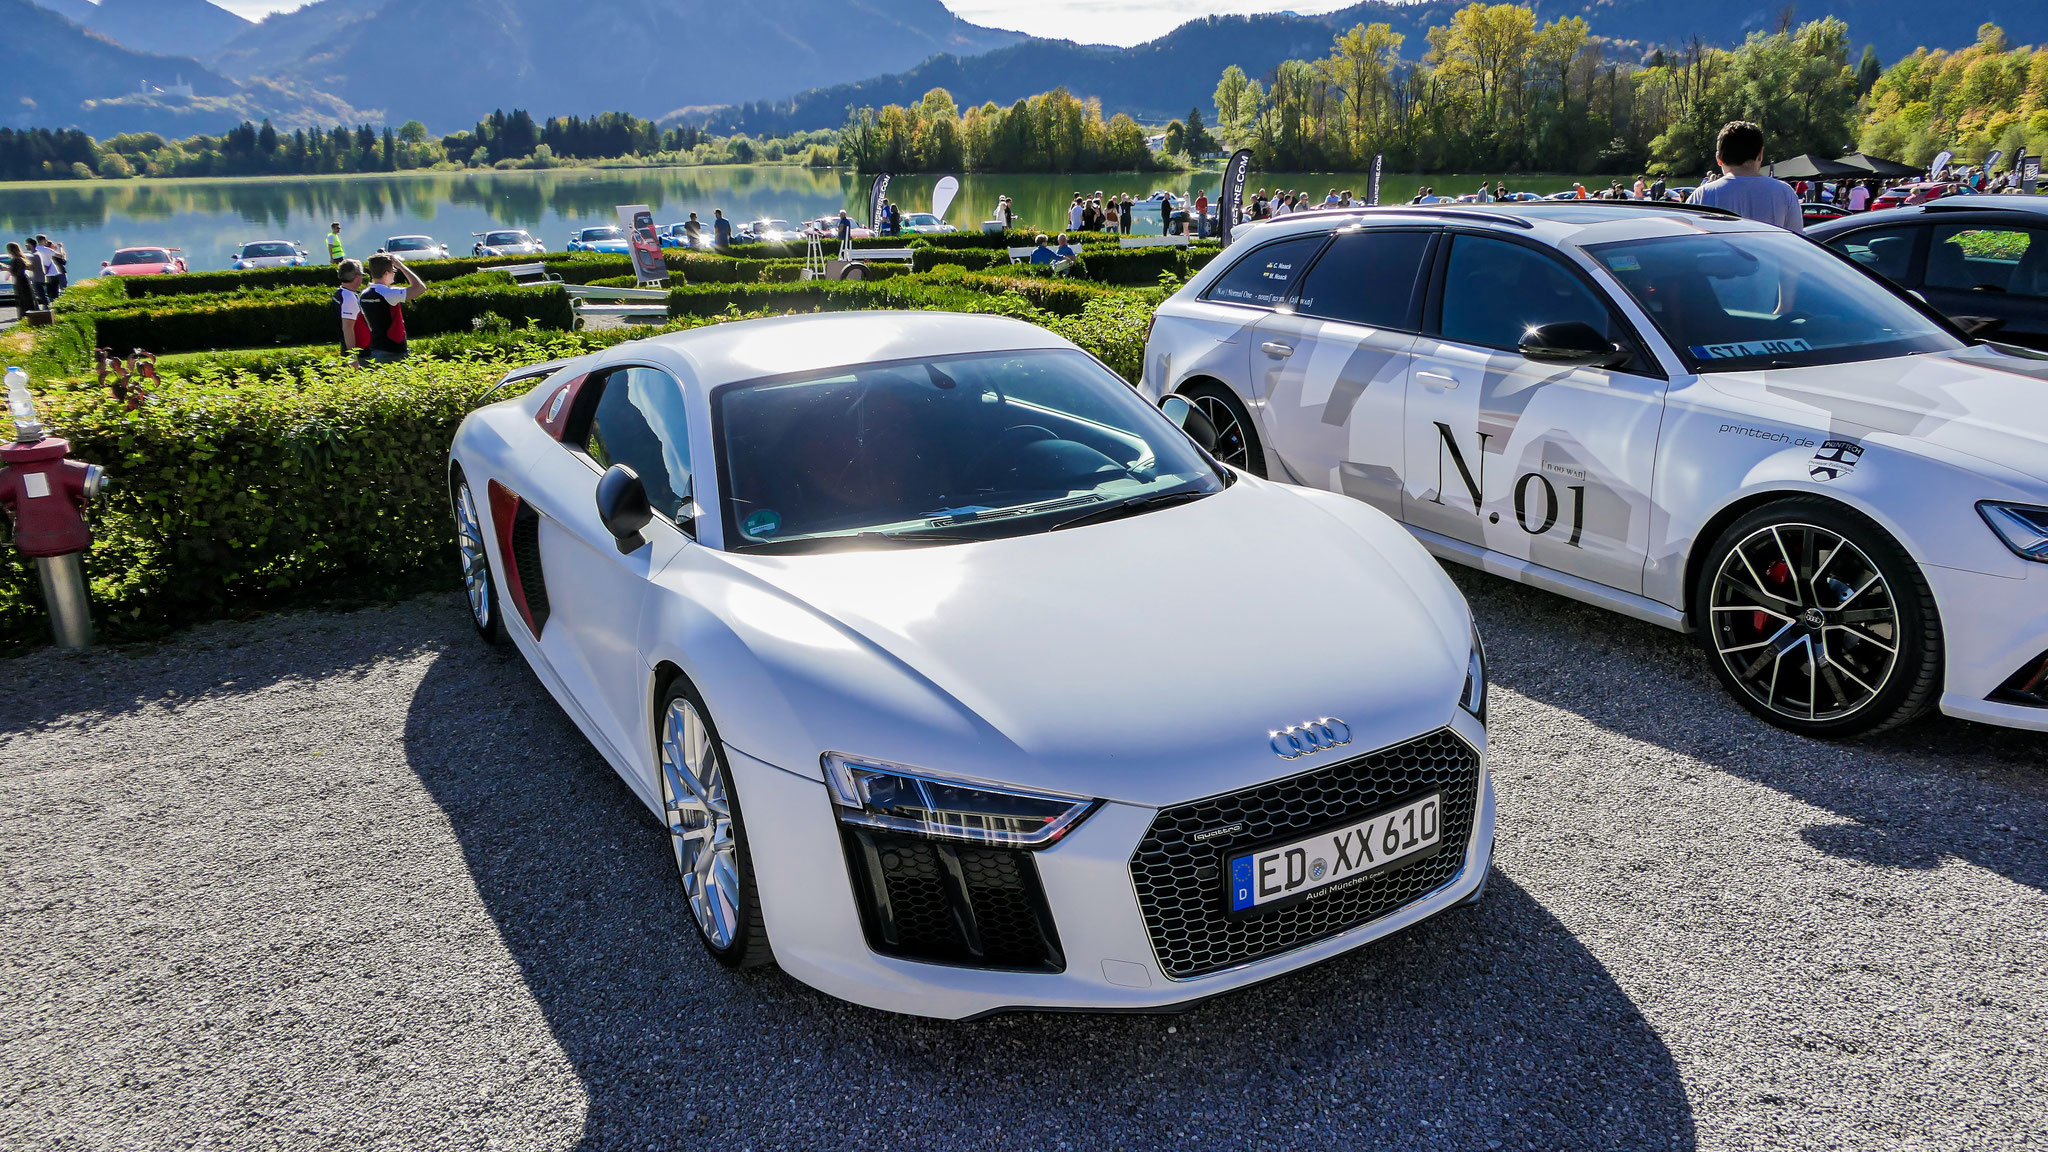 Audi R8 V10 - ED-XX-610